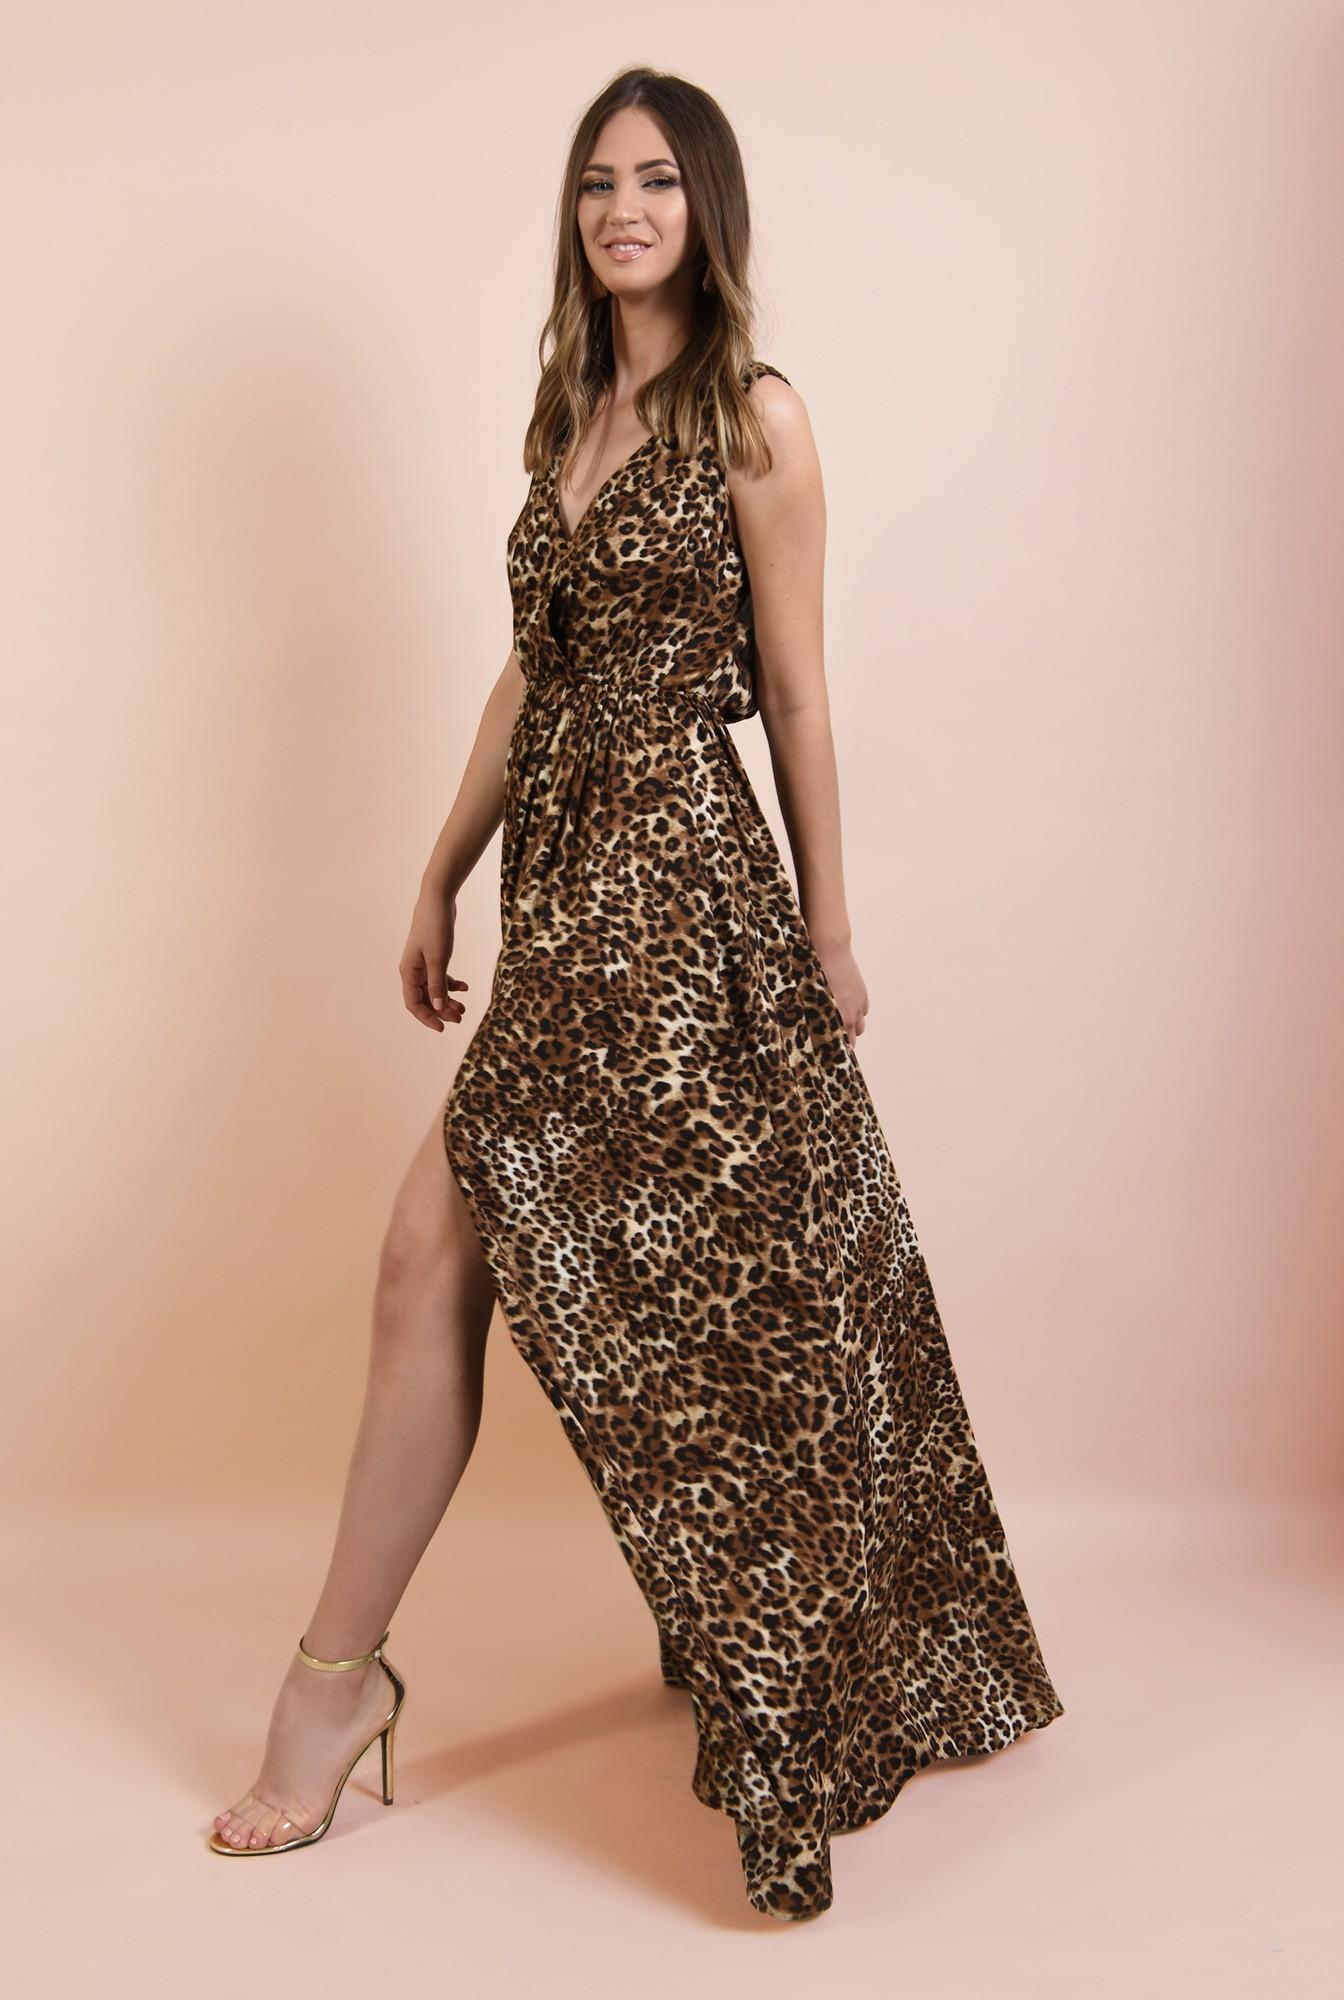 0 - 360 - rochie de seara, lunga, cu slit, animal print, decolteu anchior, Poema